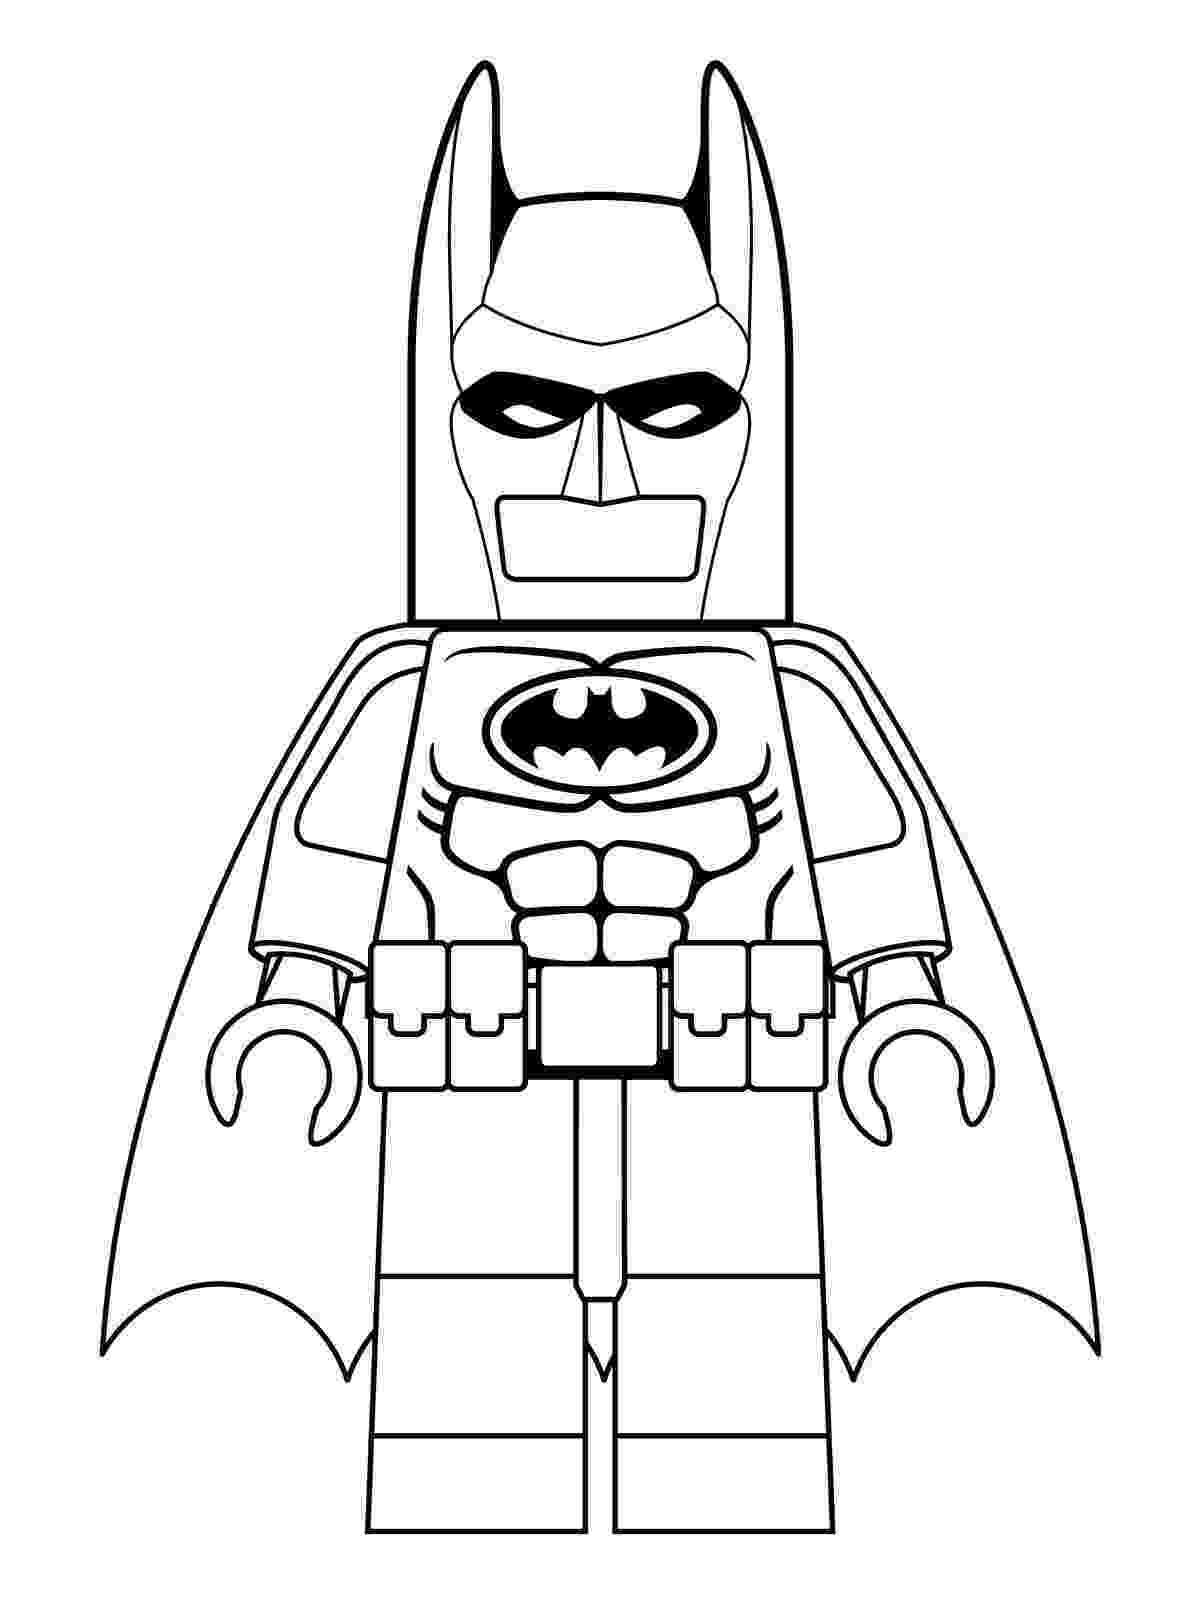 batman coloring pages online batman coloring pages to print free coloring sheets pages batman coloring online